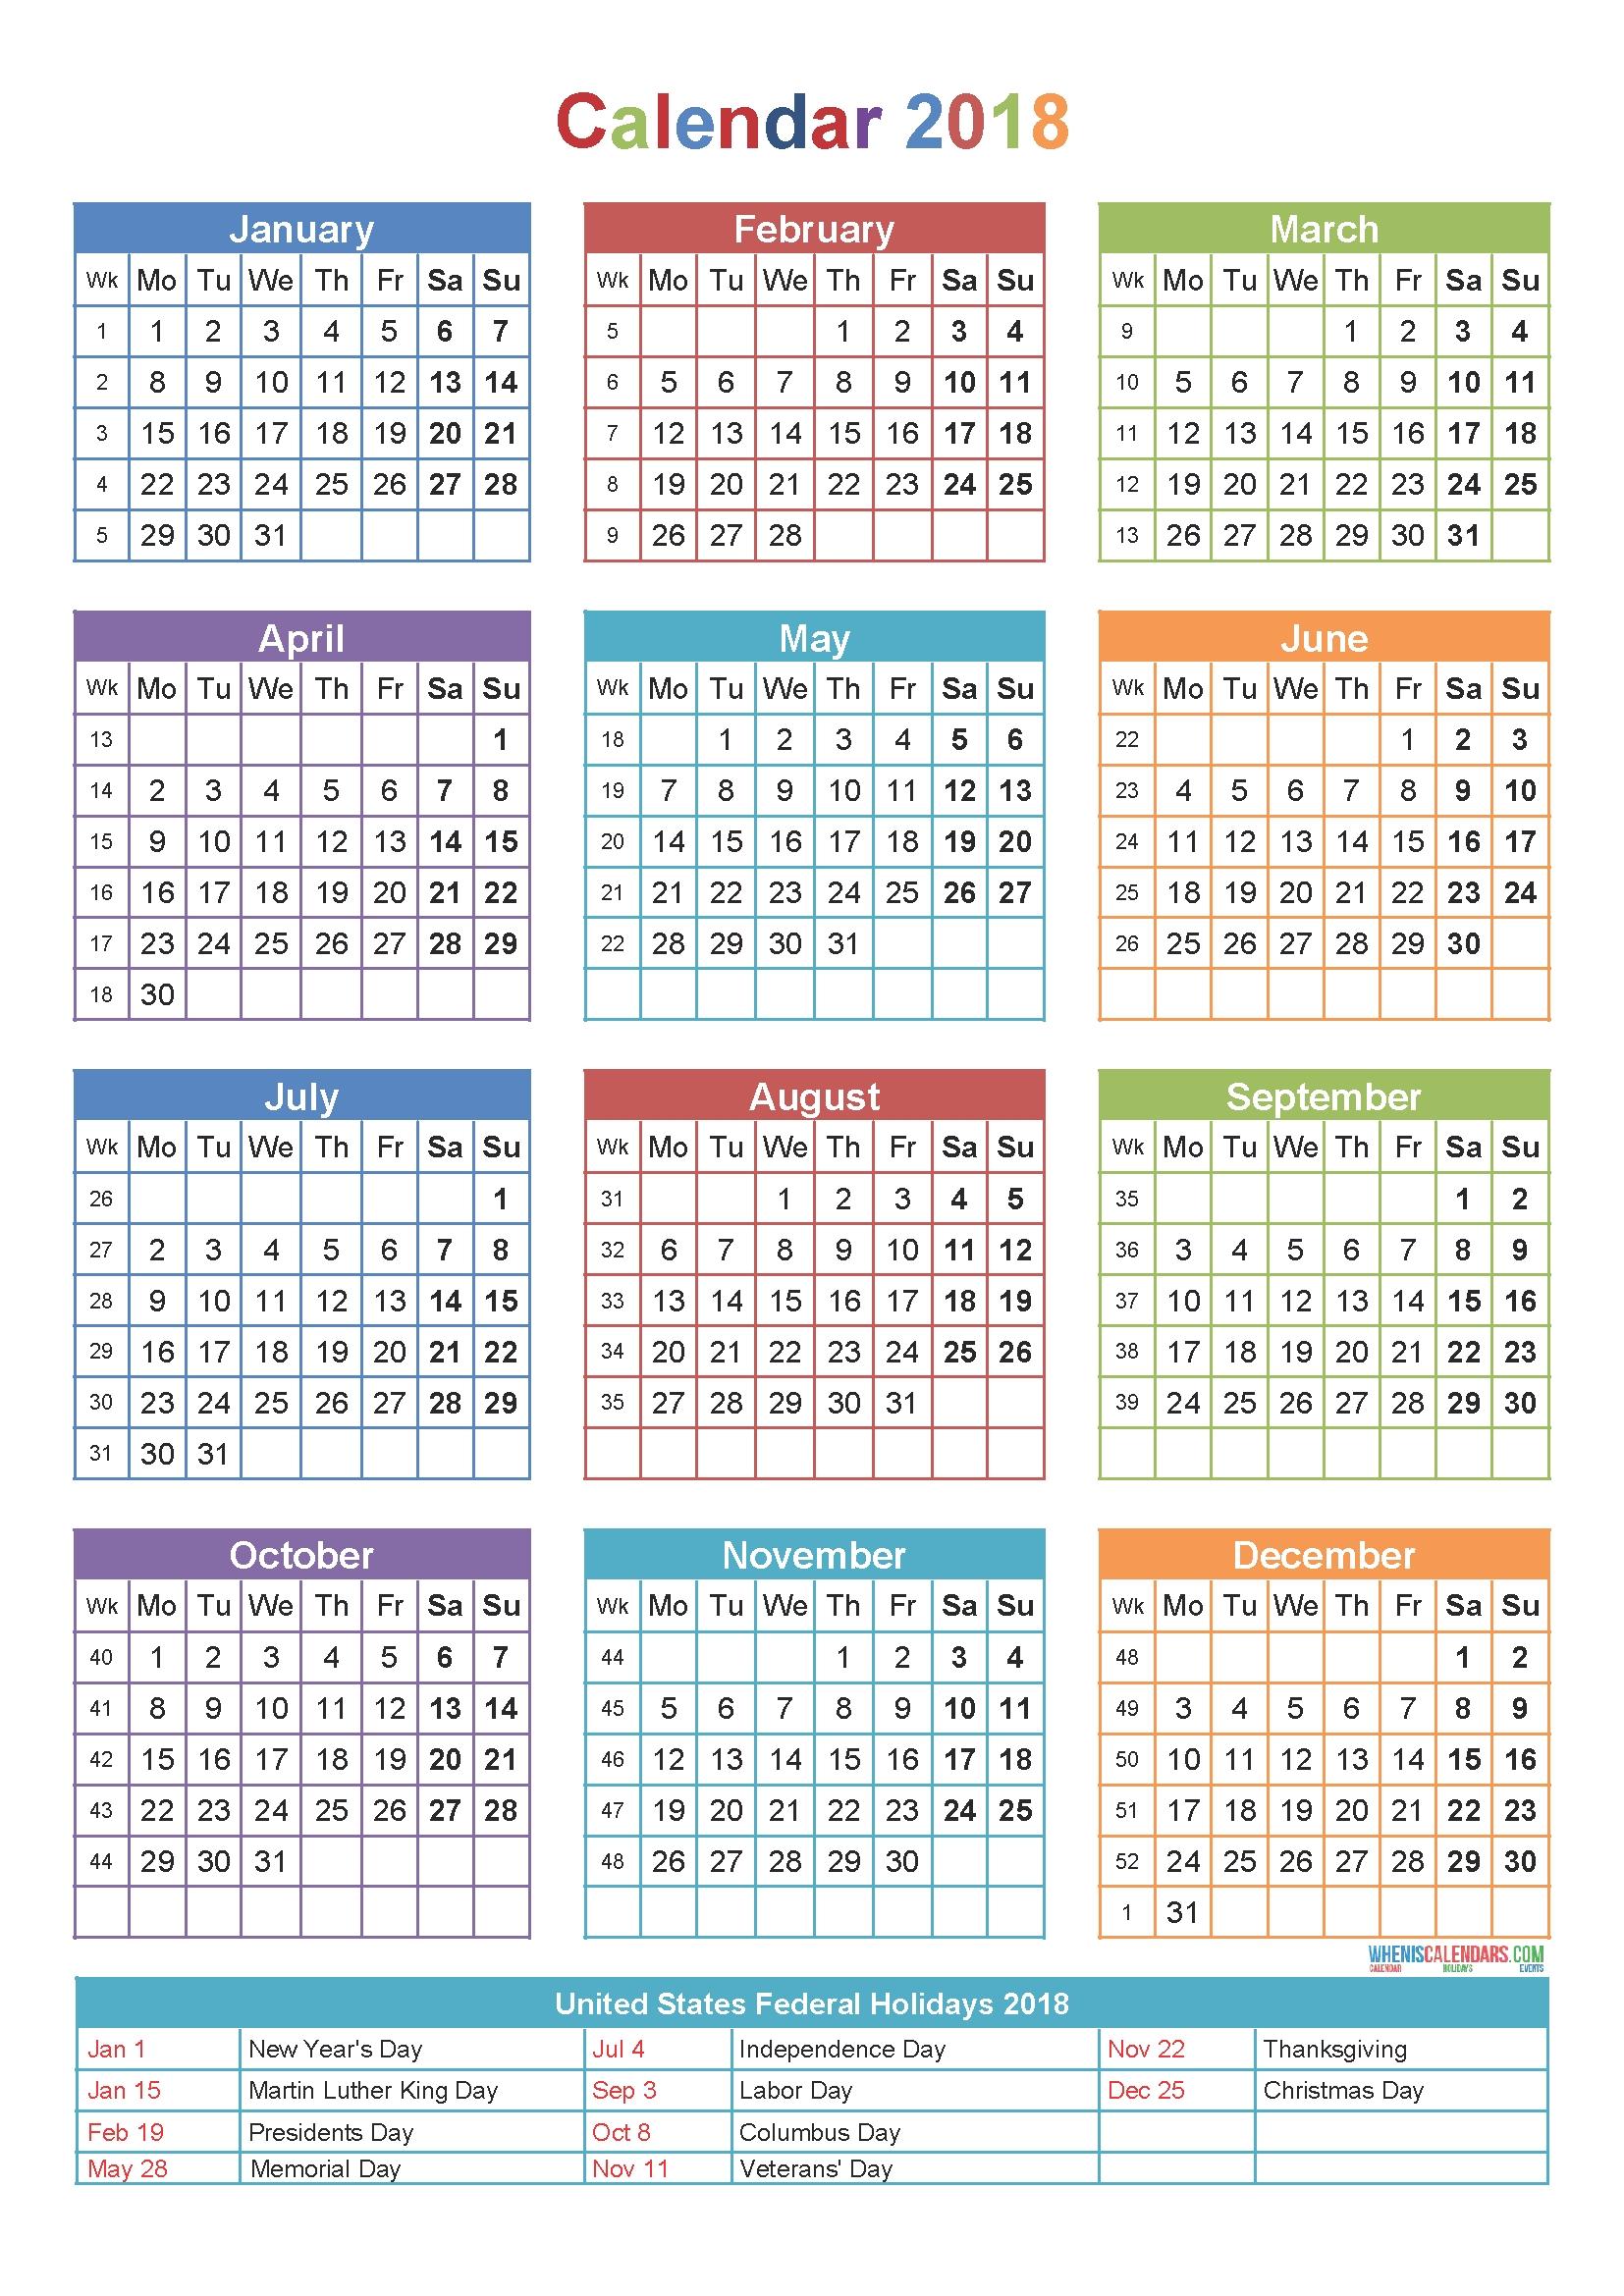 2018 holidays printable calendar free download usa india spain 2018 Calendar With Holidays Usa Printable erdferdf